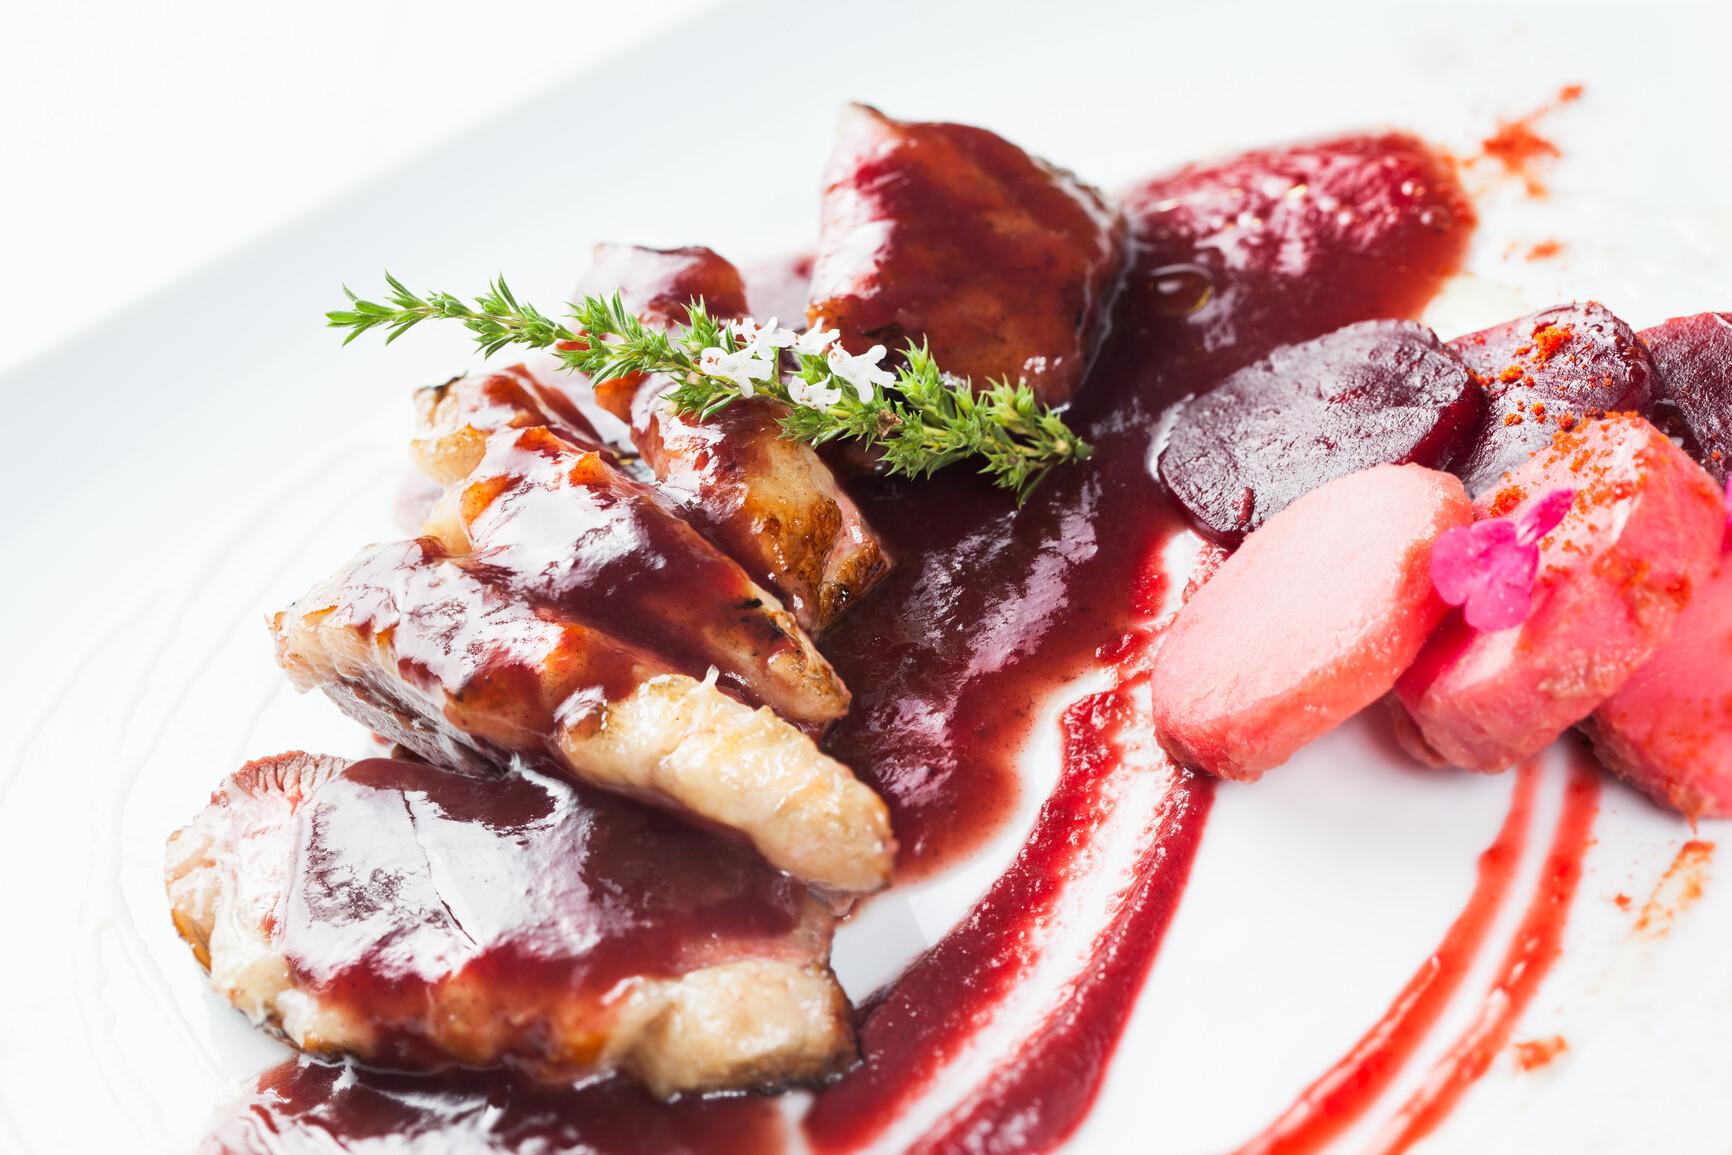 Незвичайні страви з полуниці - різні рецепти з фото - Рецепти, продукти,  їжа   Сьогодні